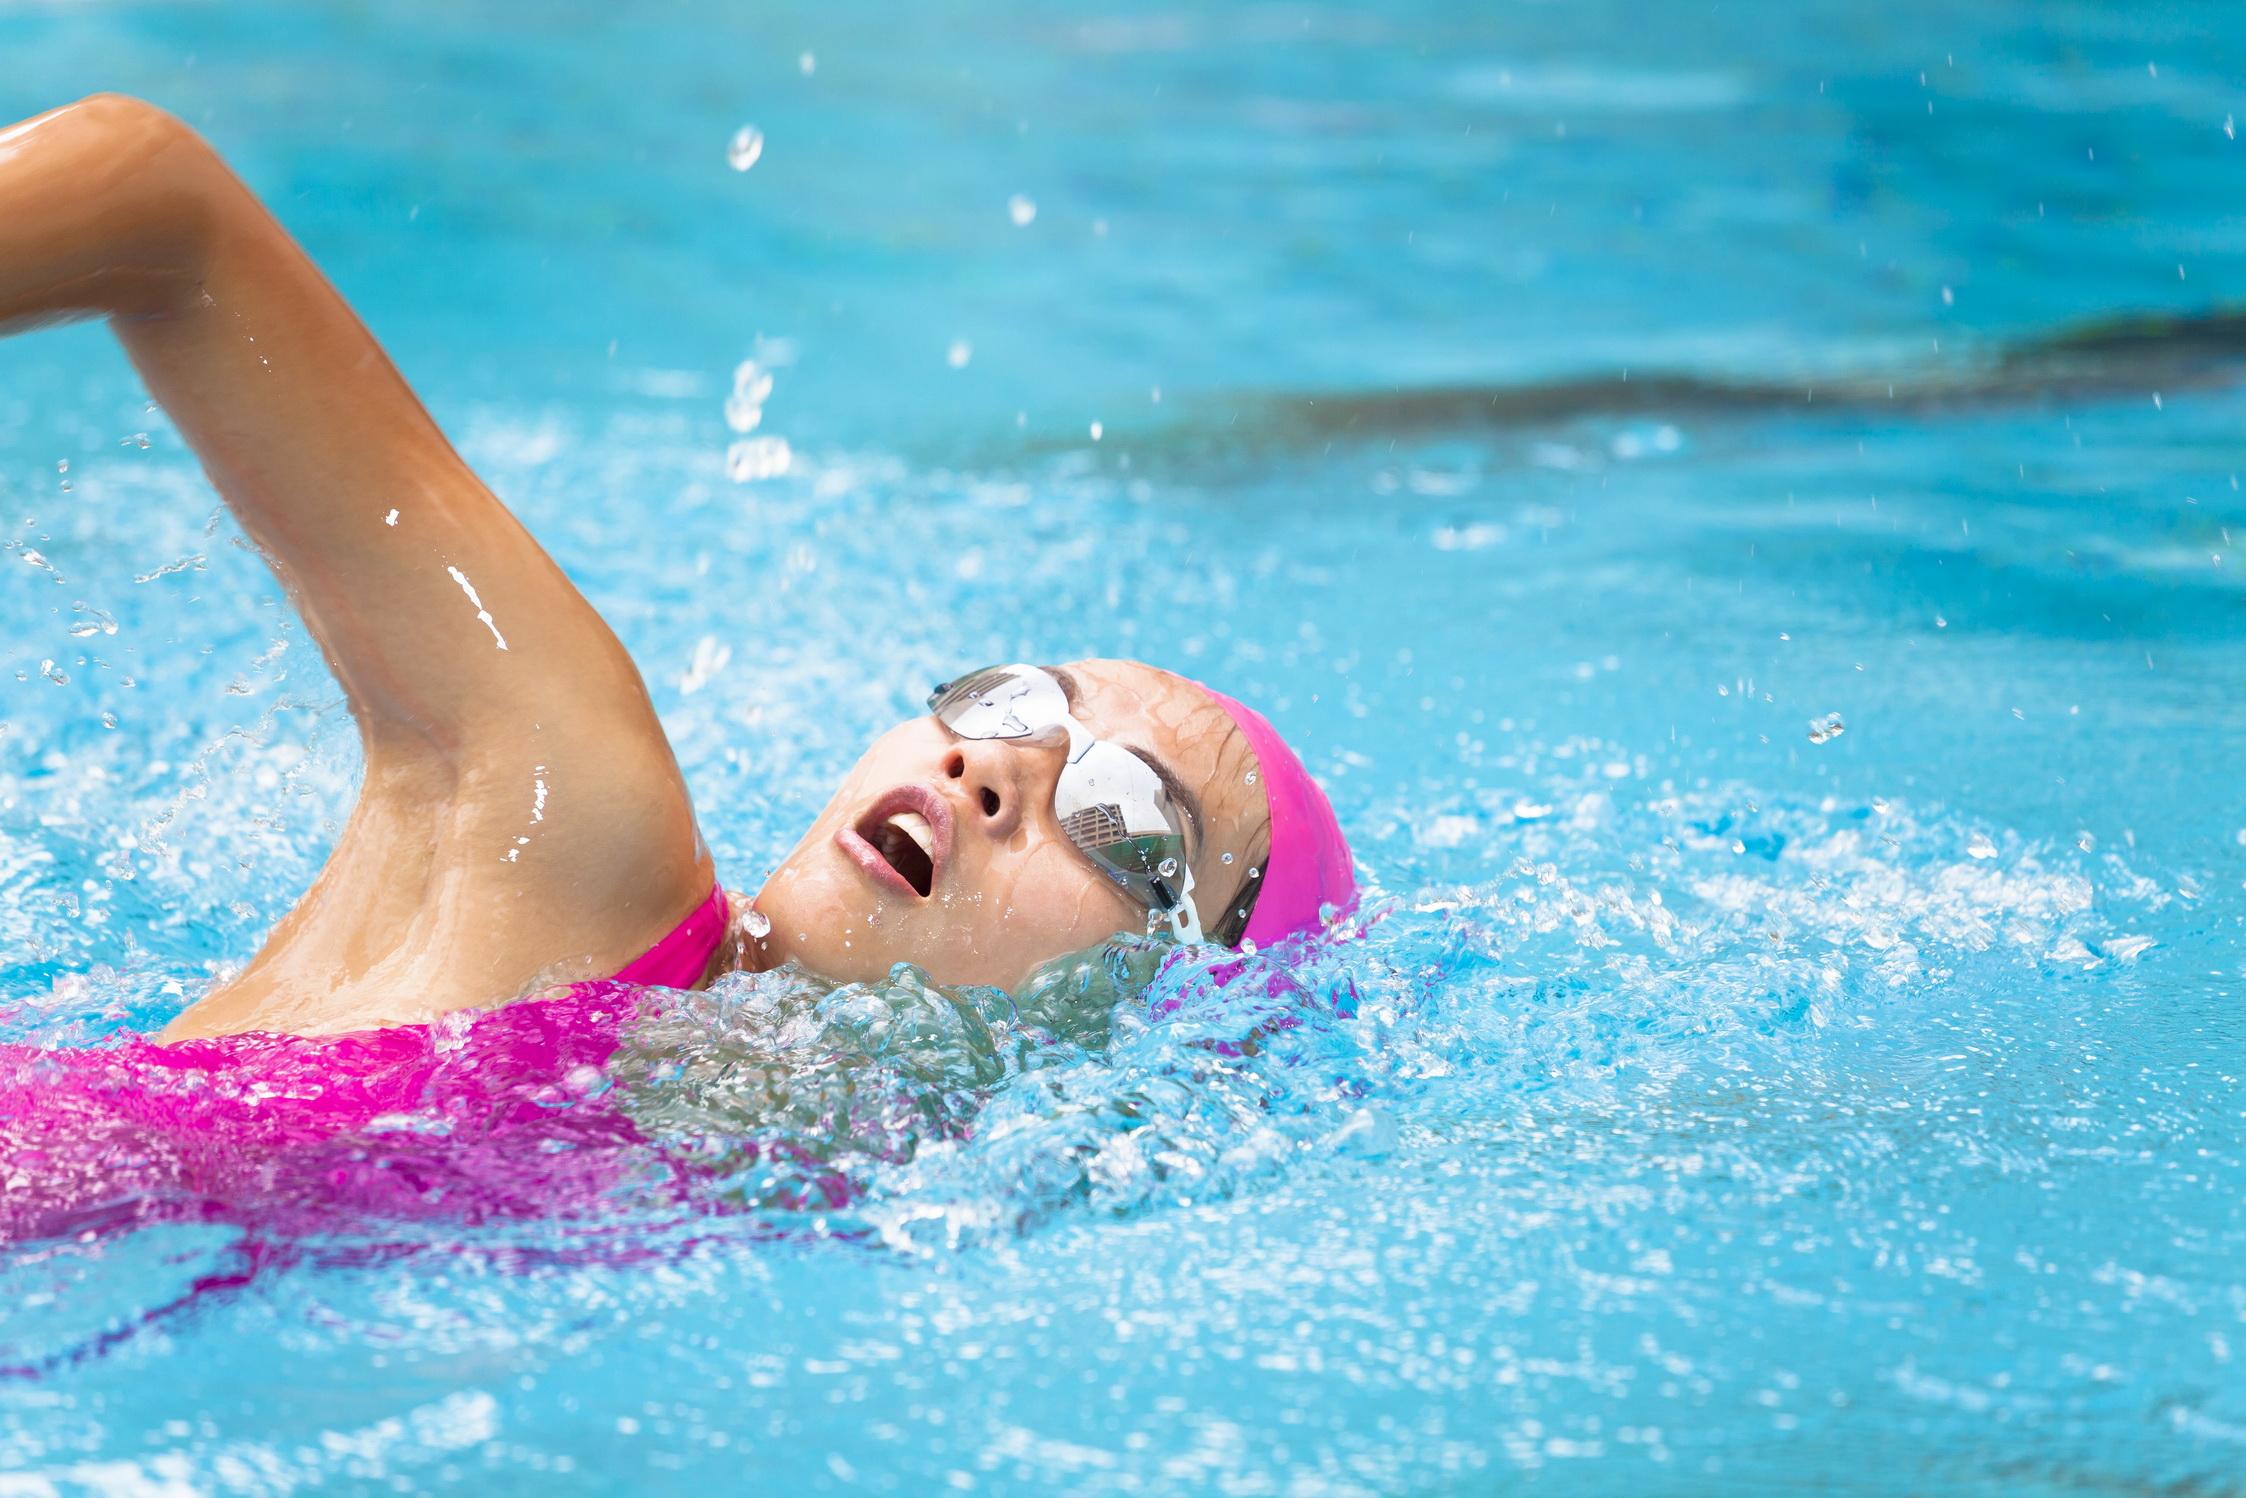 Pływanie - najszybsza metoda na odchudzanie? - Panna Anna Biega